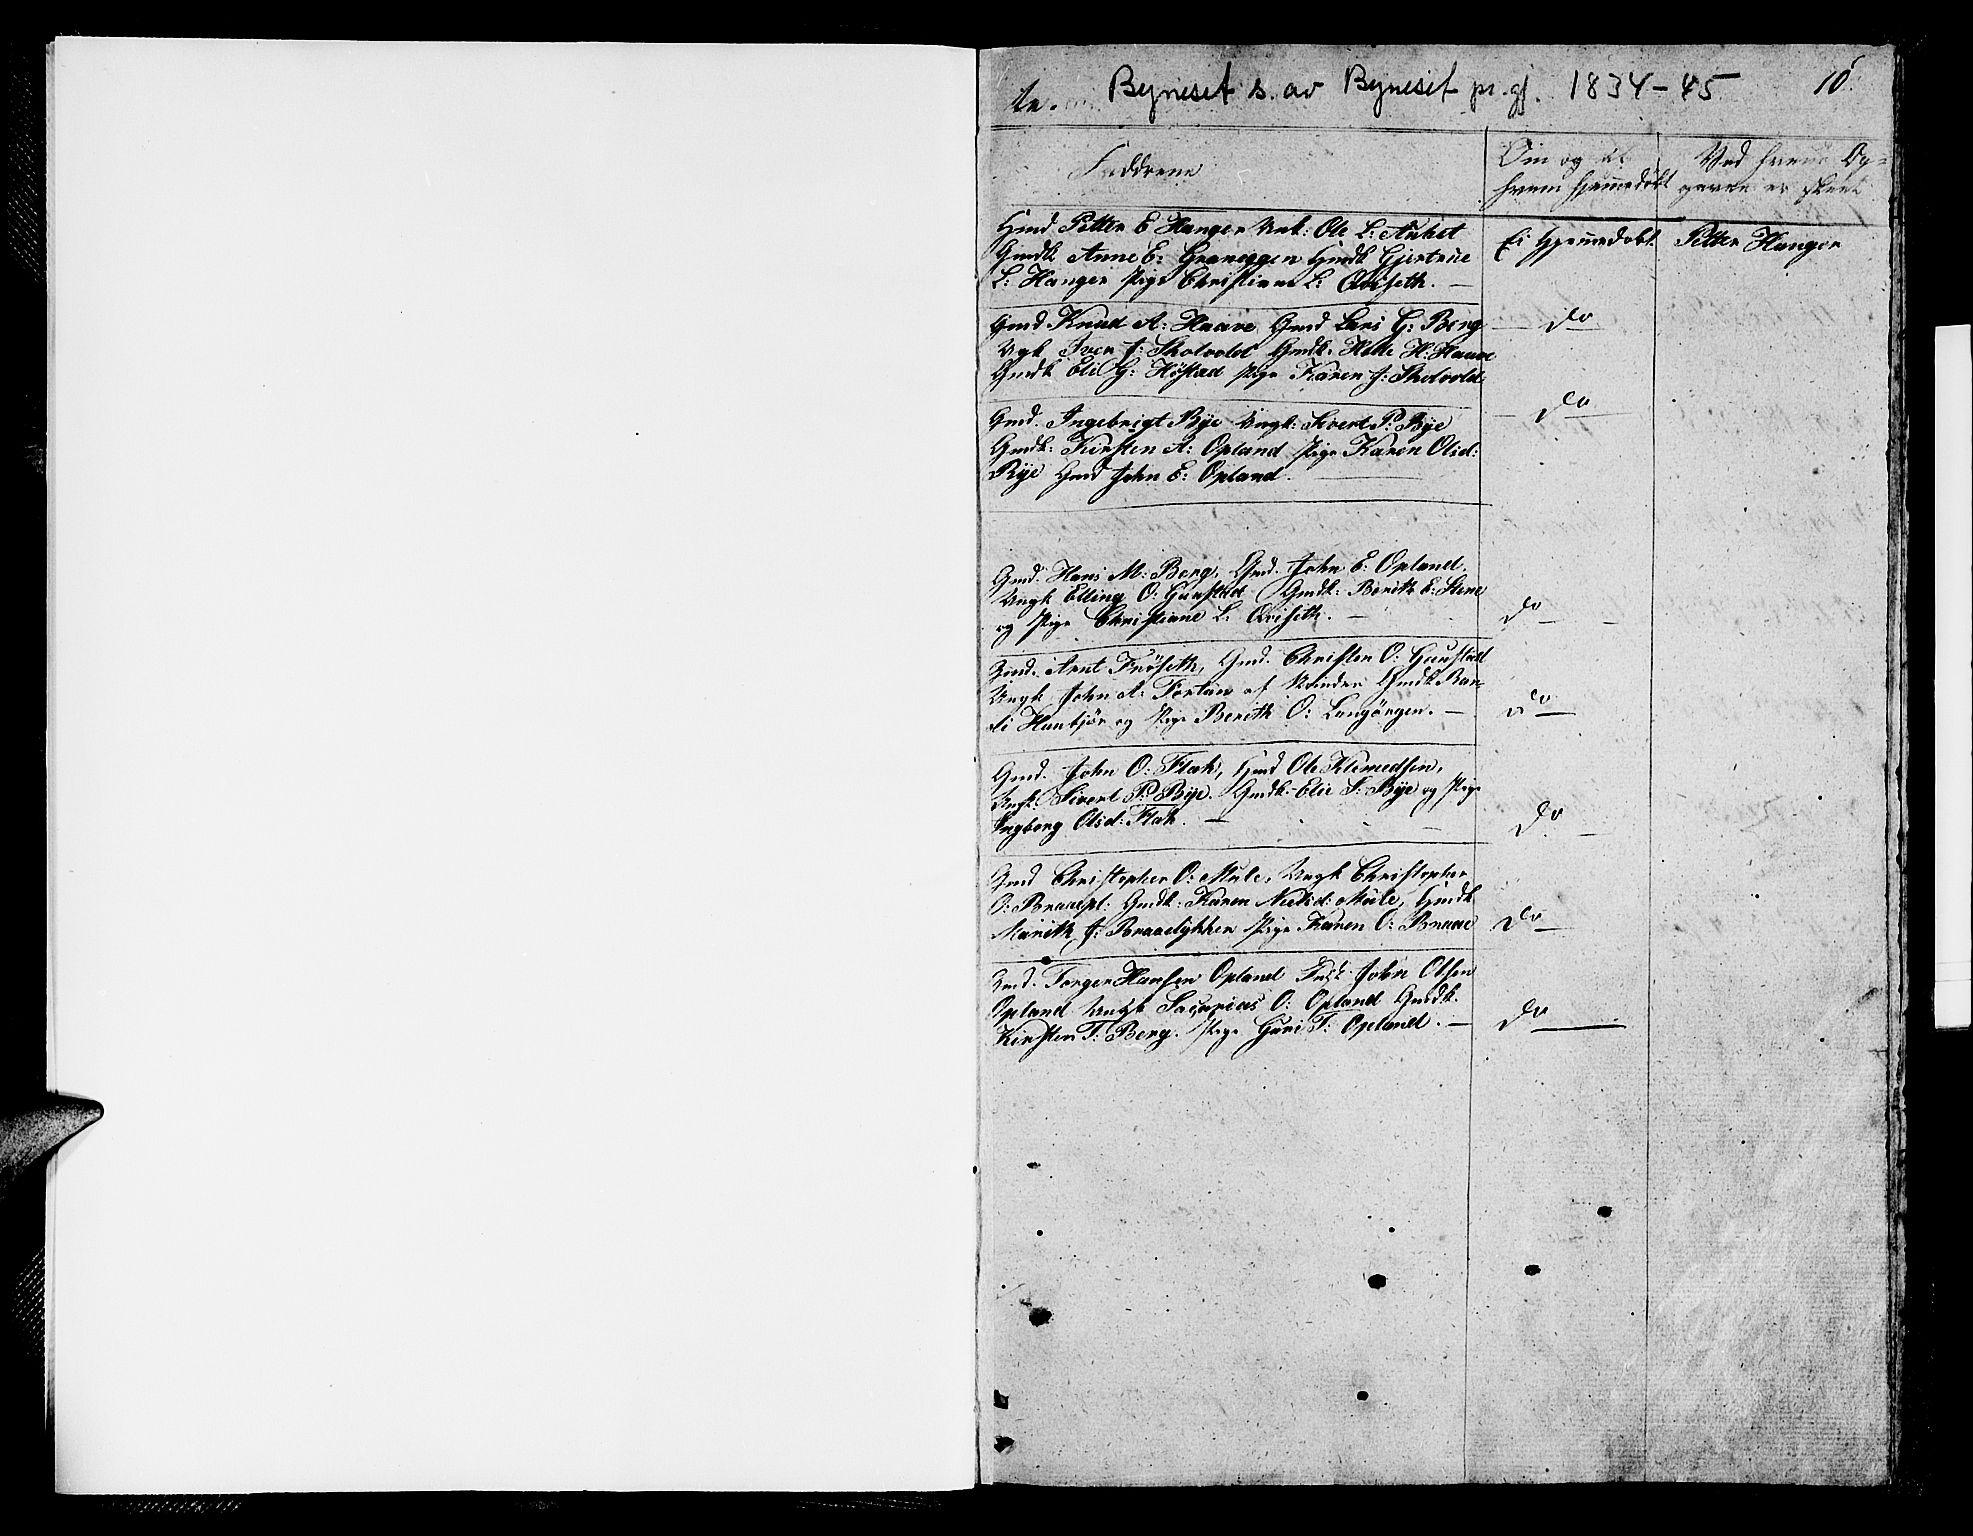 SAT, Ministerialprotokoller, klokkerbøker og fødselsregistre - Sør-Trøndelag, 612/L0386: Klokkerbok nr. 612C02, 1834-1845, s. 10